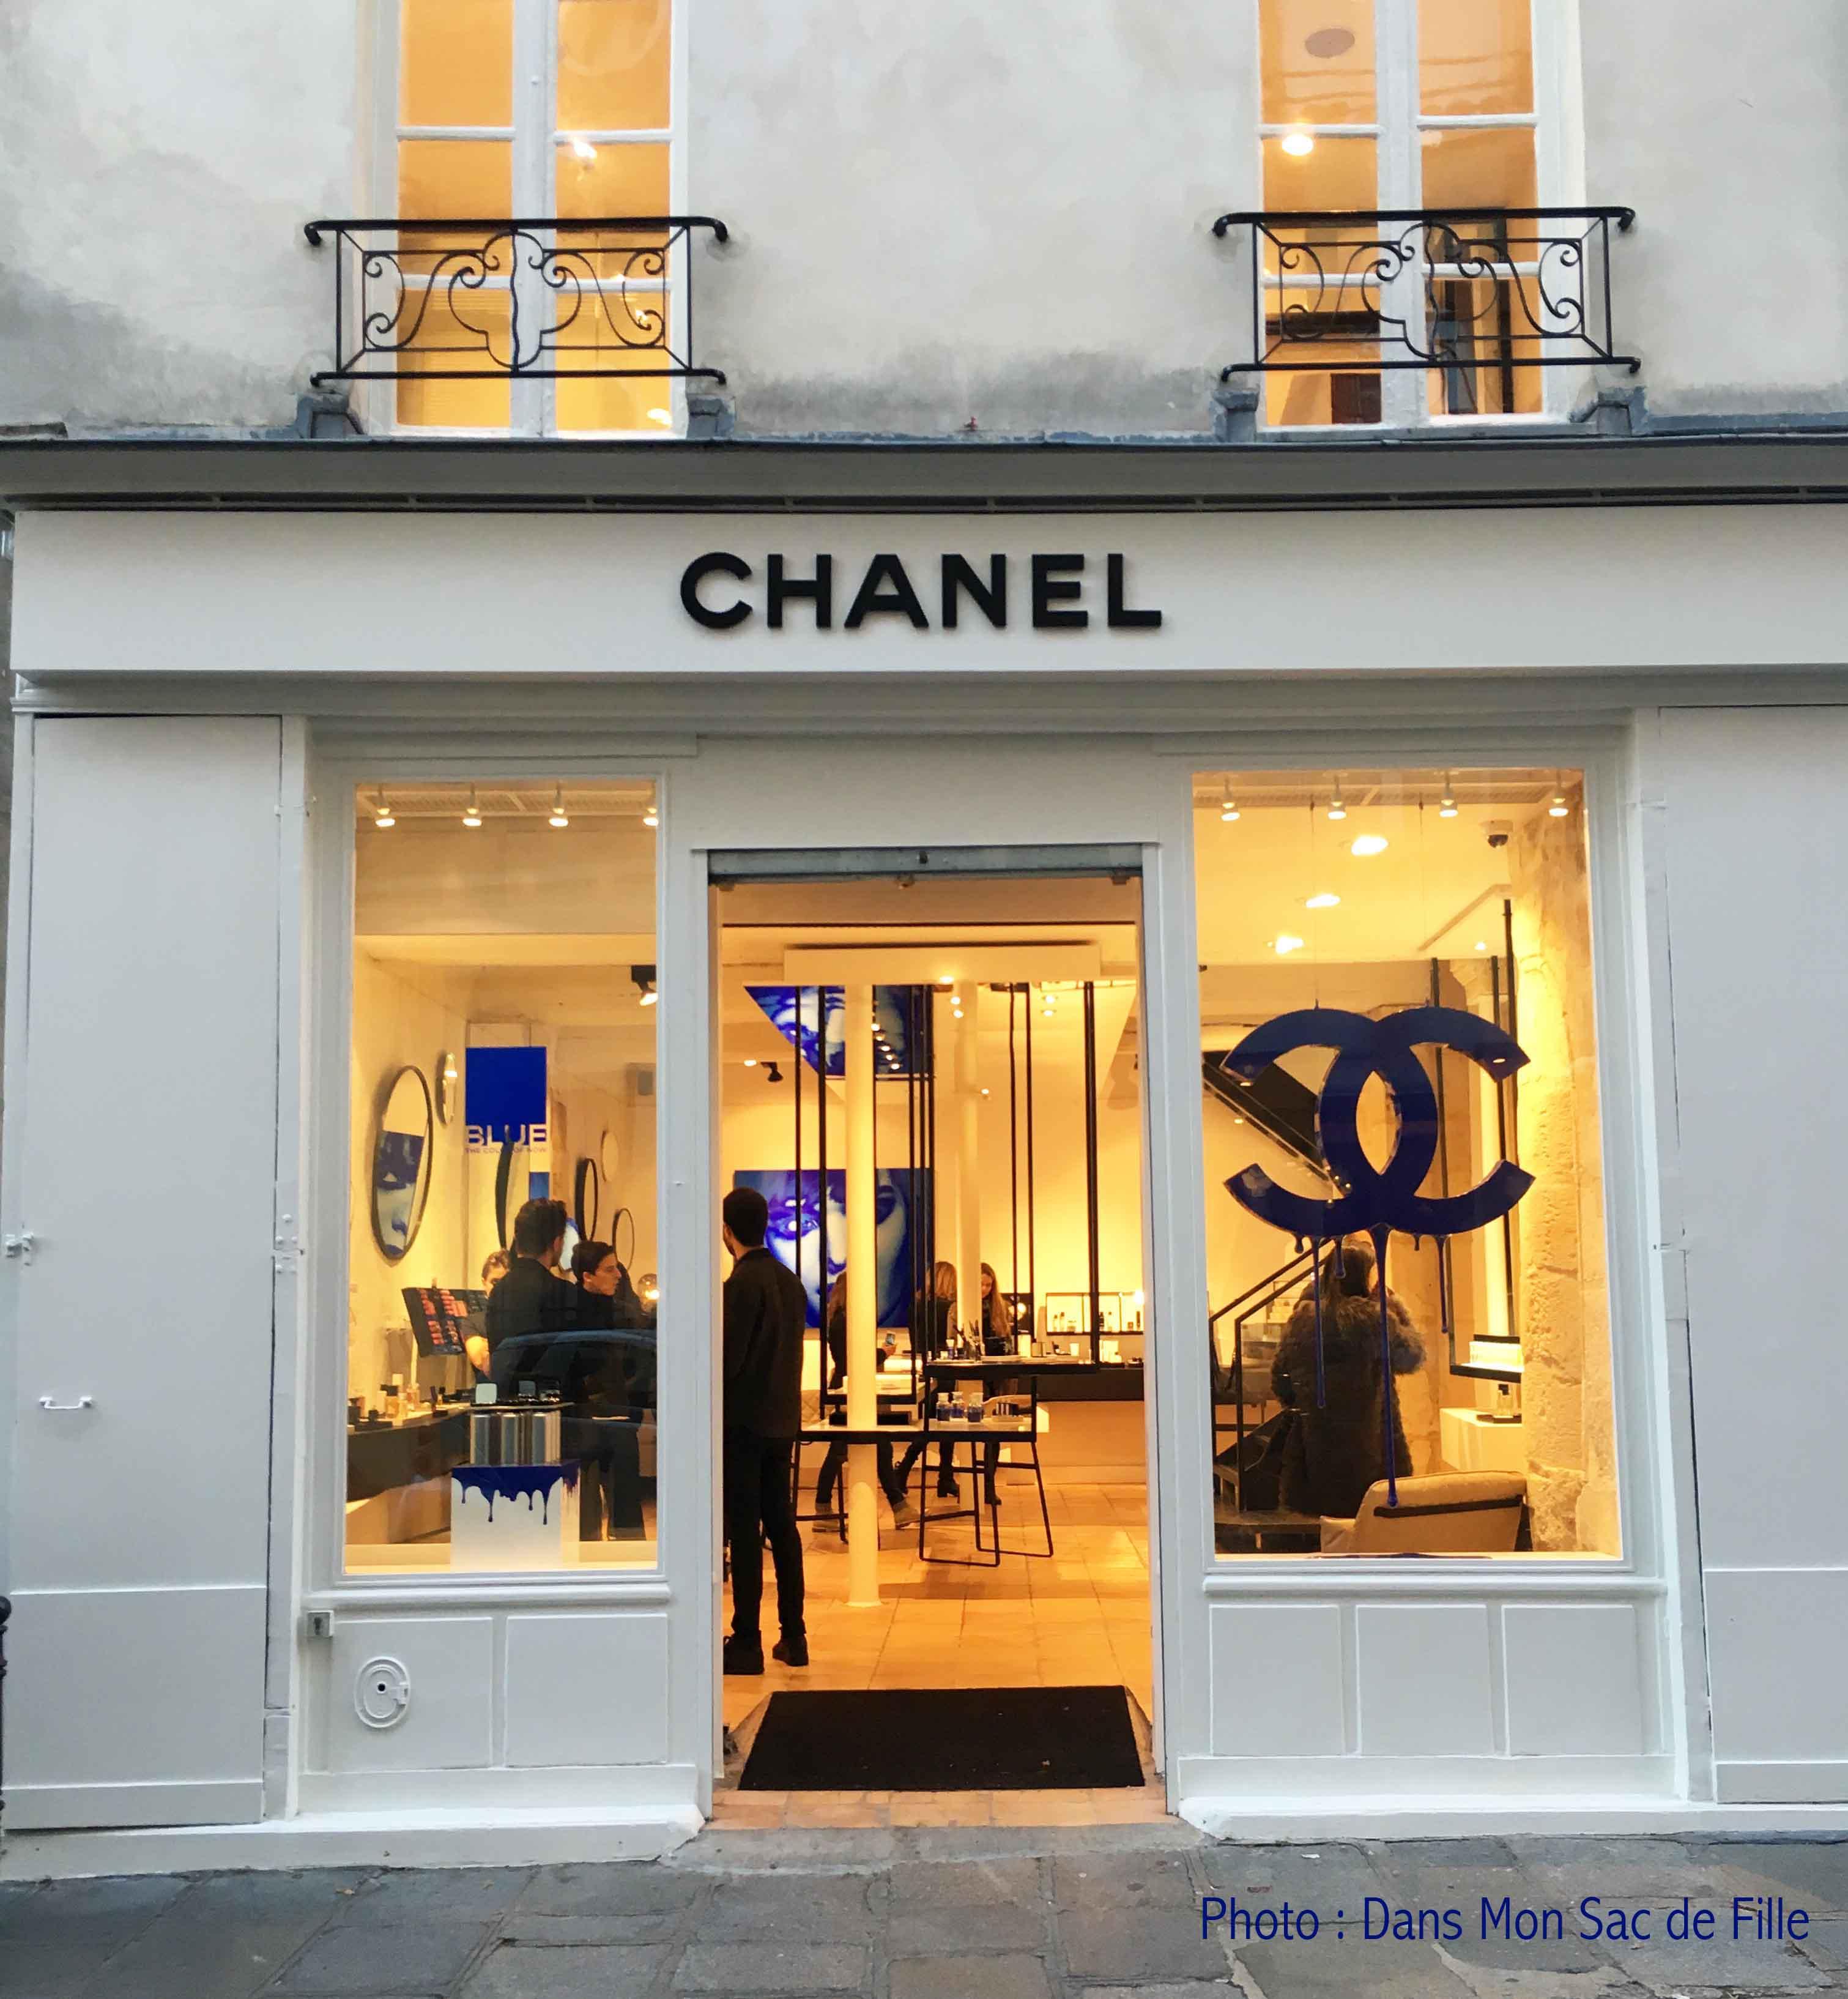 La nouvelle boutique chanel beaut paris dans mon sac de fille - Magasin deco paris marais ...